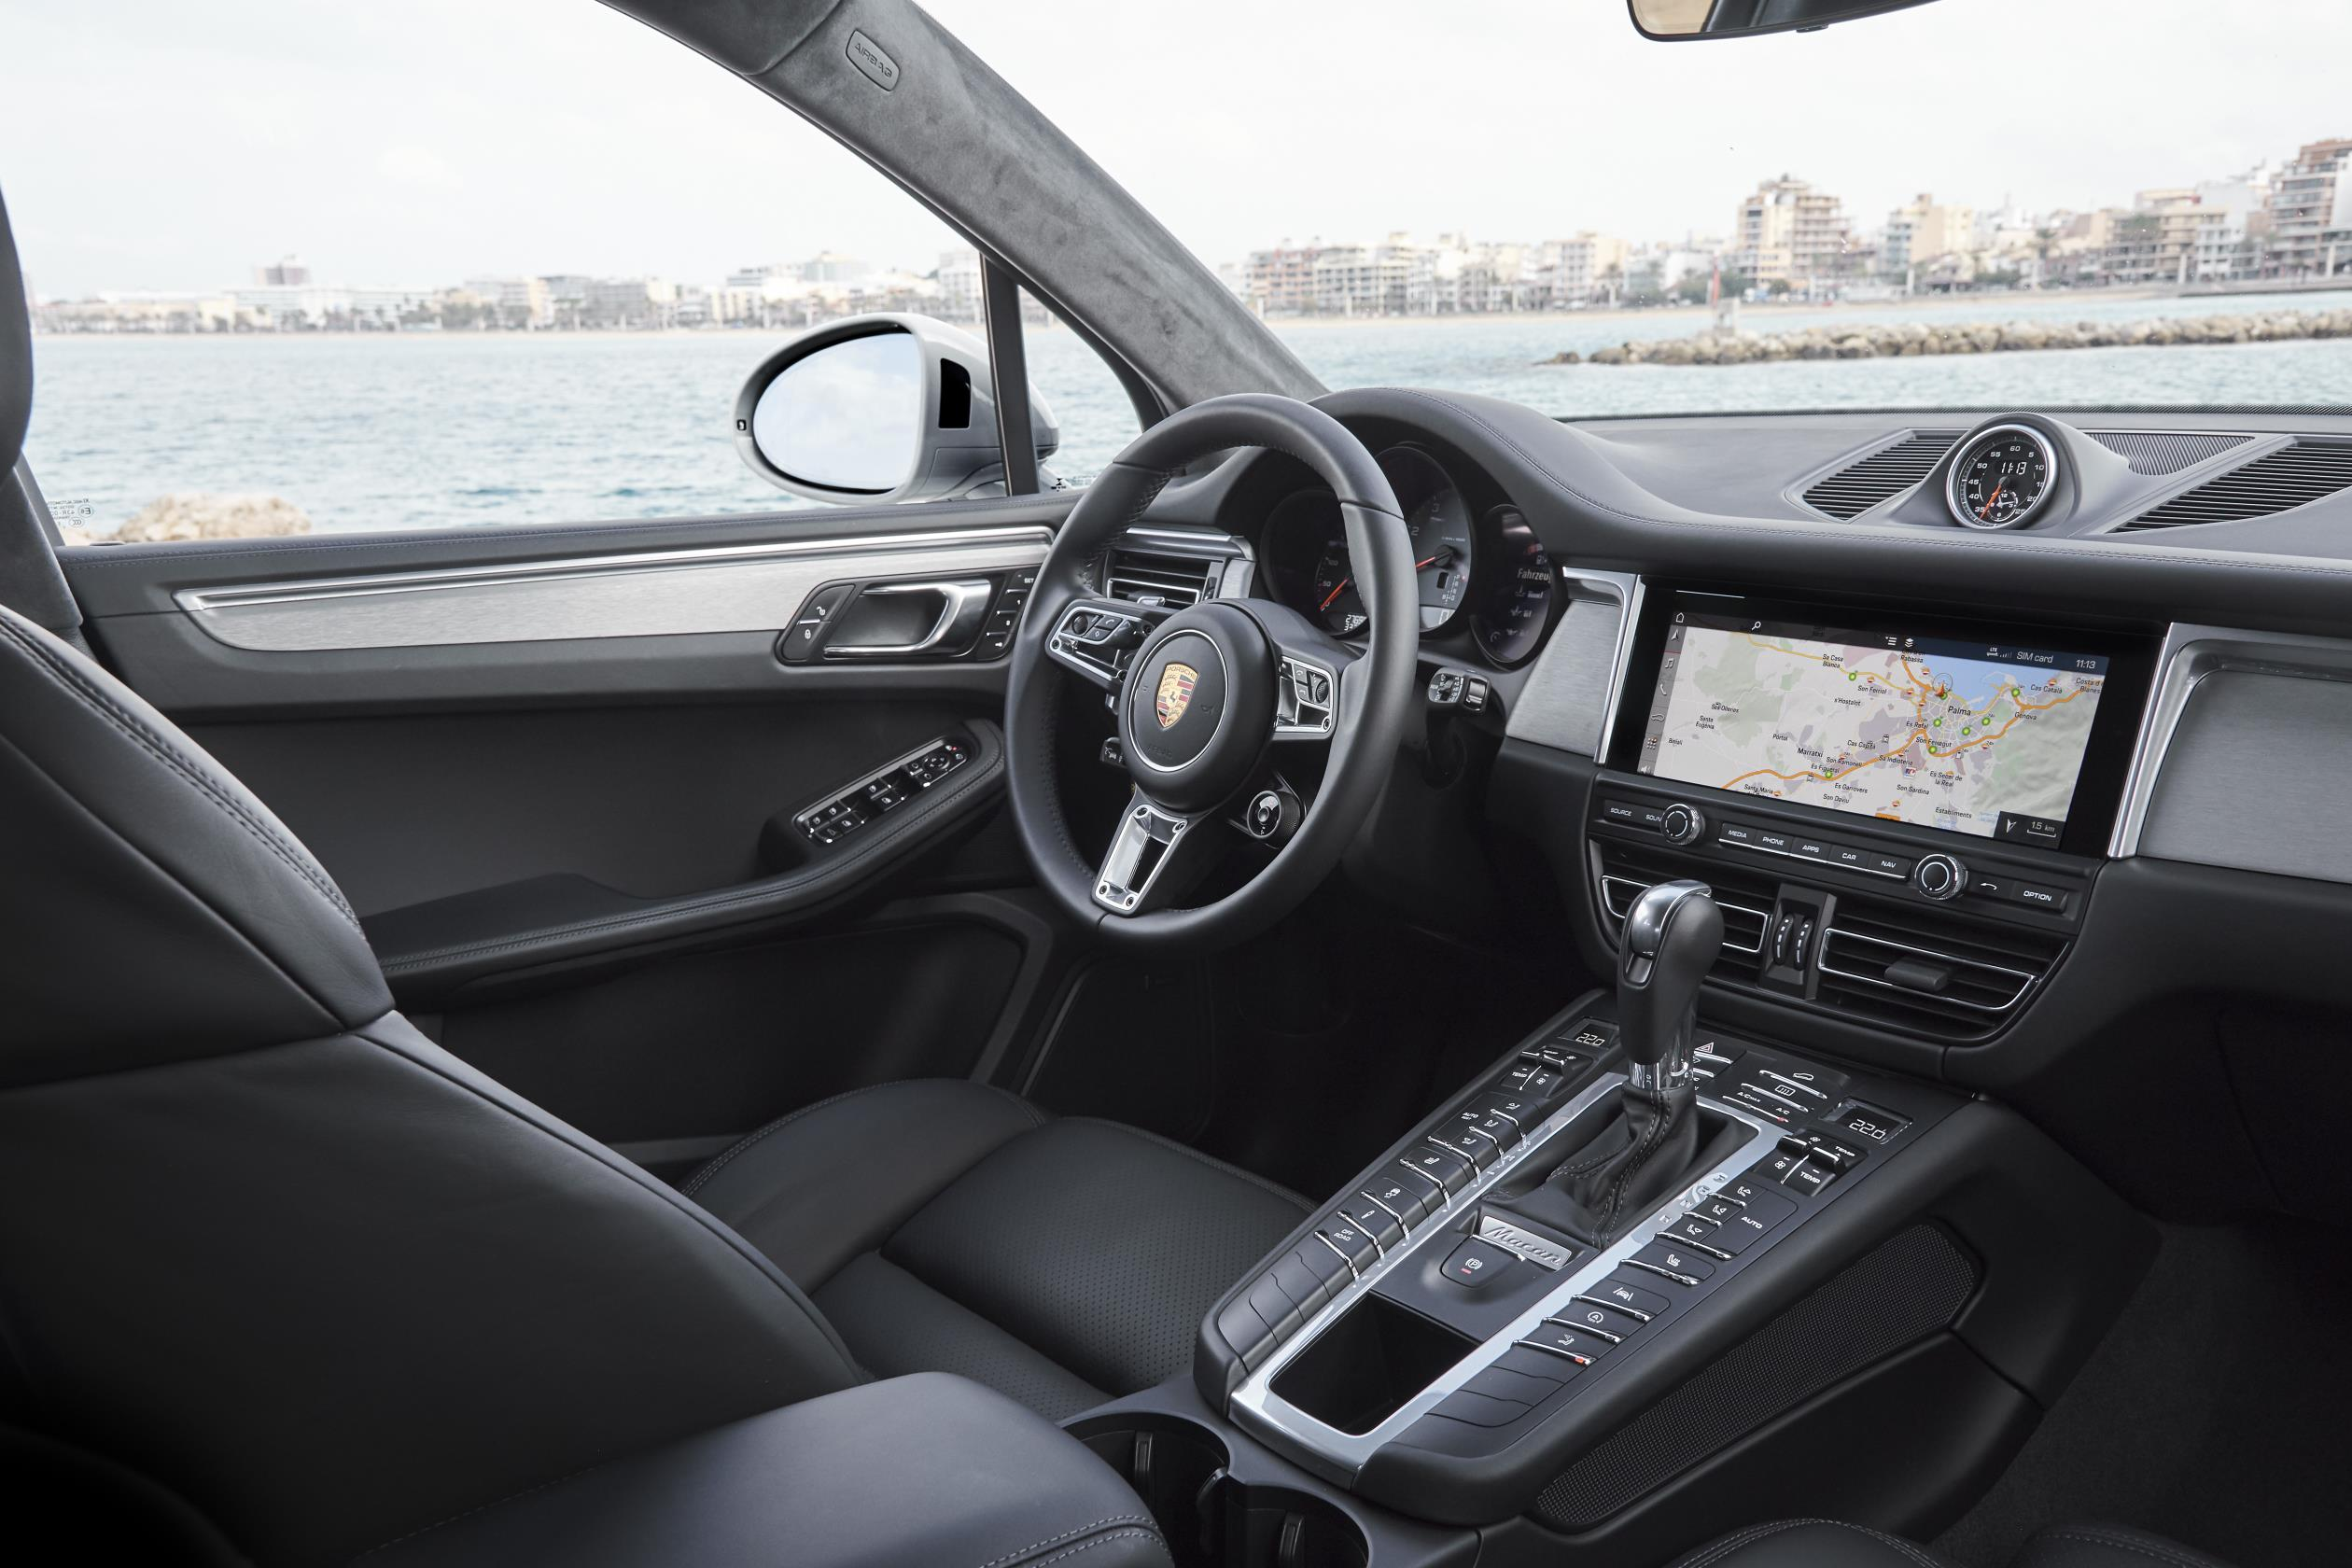 Porsche Macan S 2019: interior